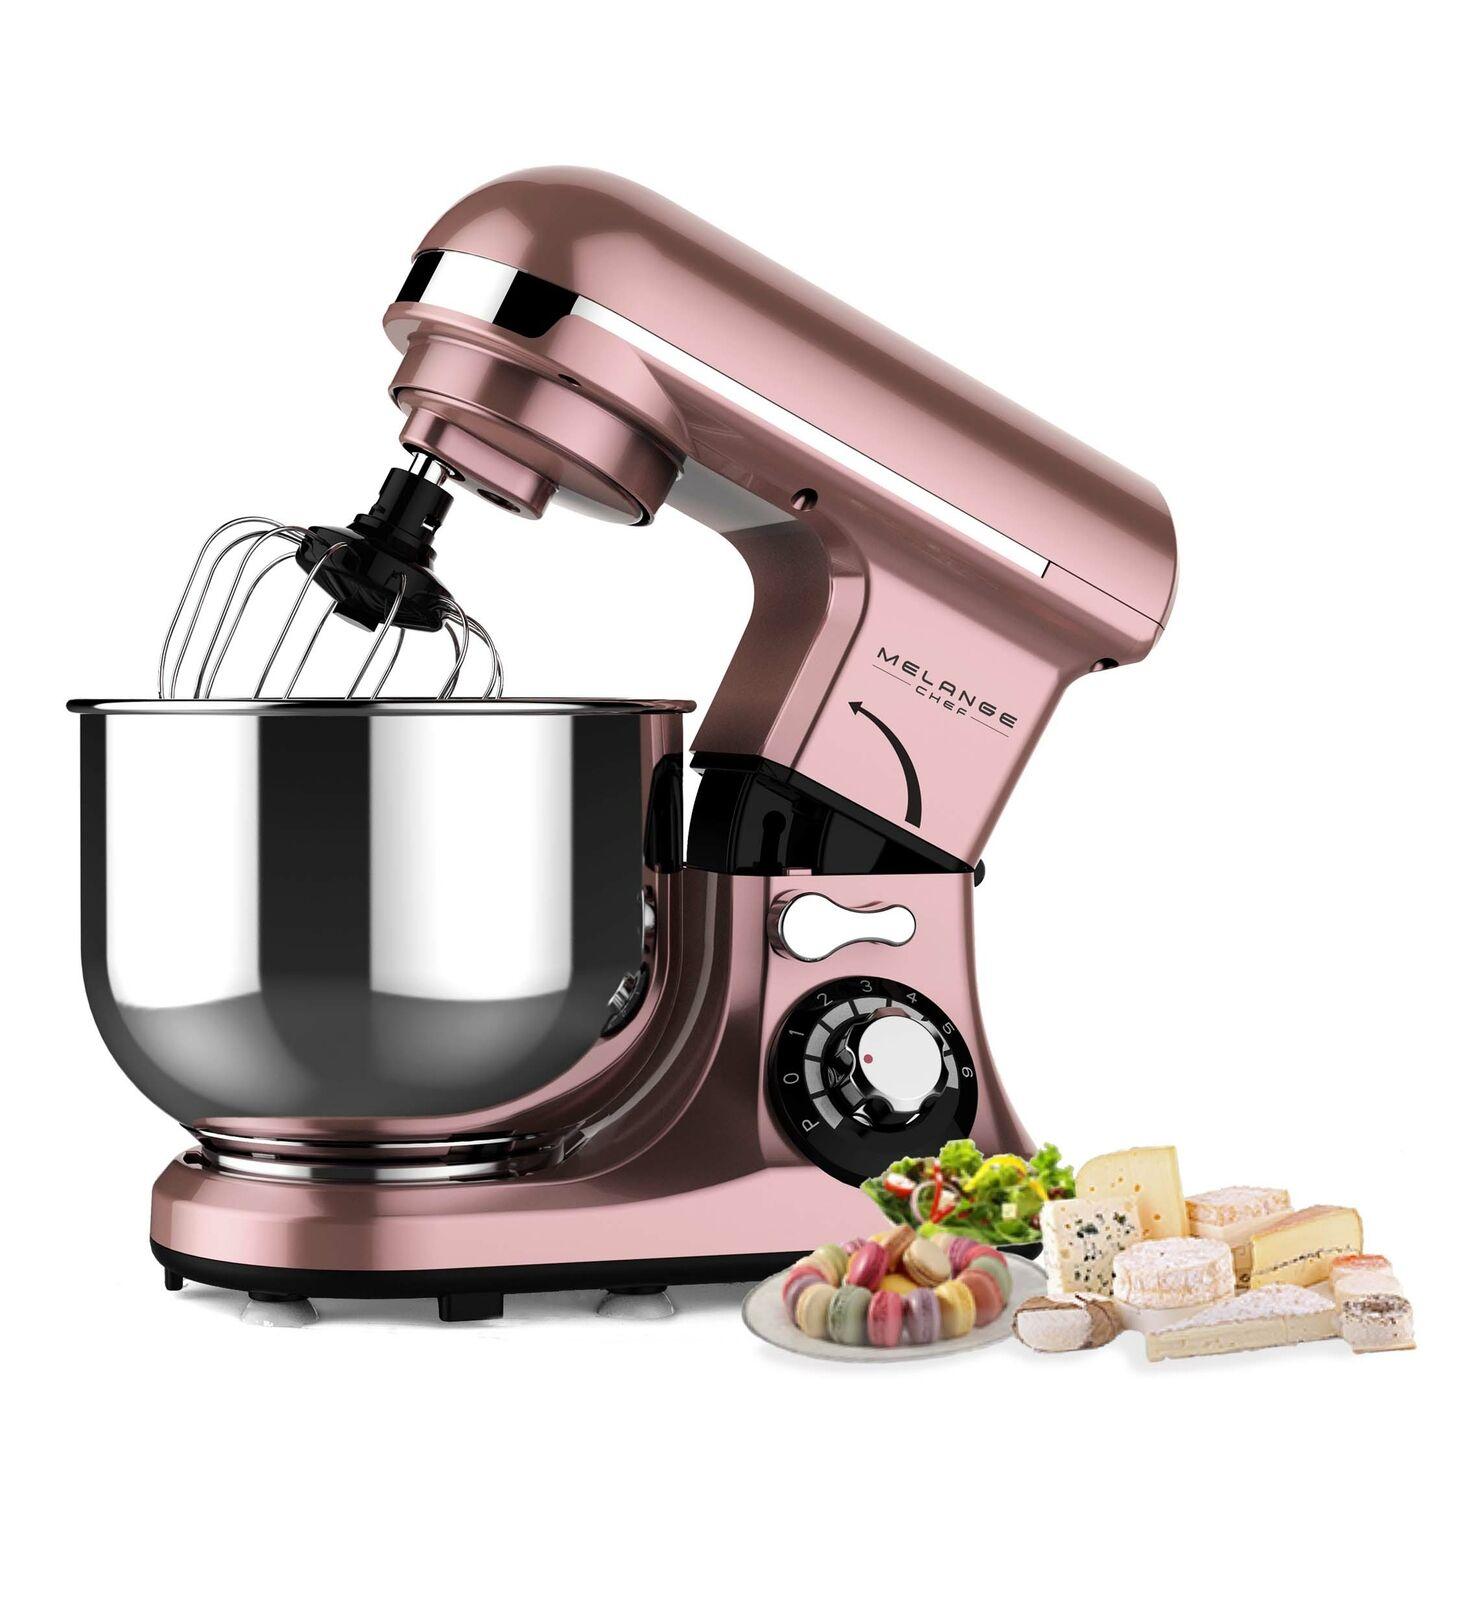 Küchenmaschine Rosa, Grün 600W, 4L Edelstahlschüssel,7 Geschwindigkeiten mit LED